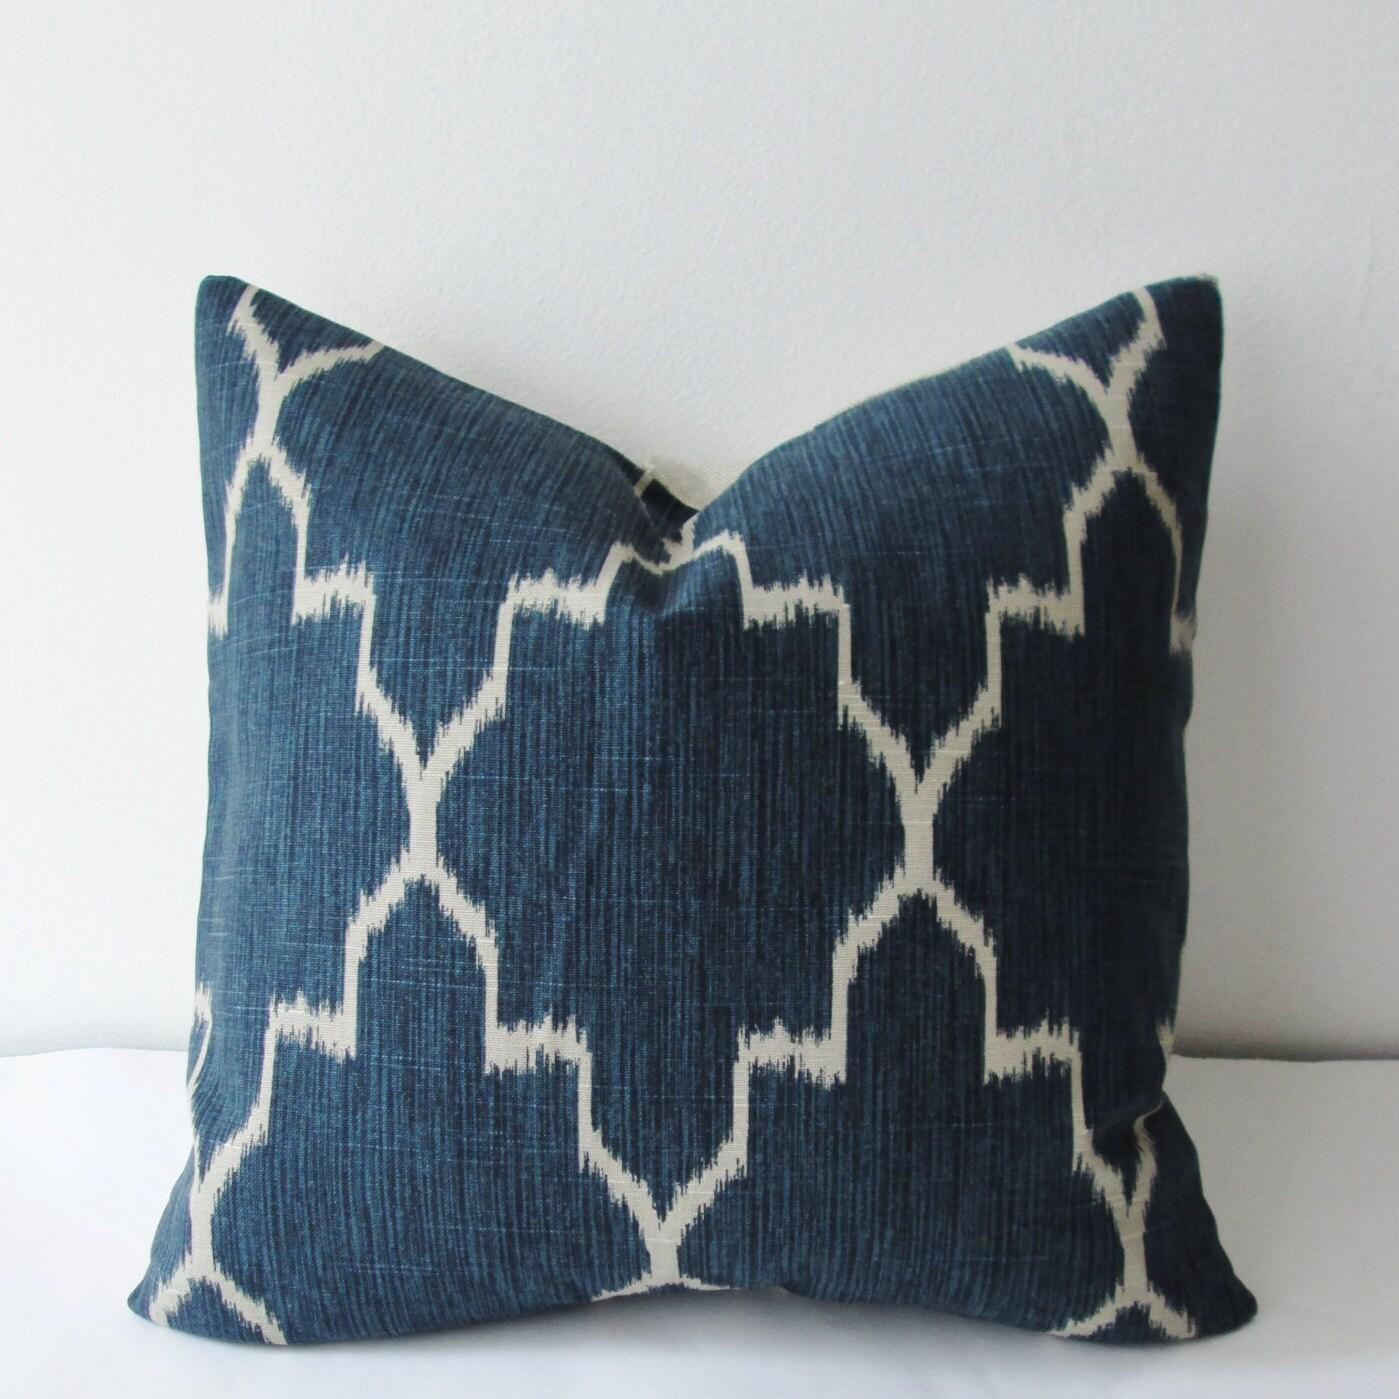 Quatrefoil Decorative Pillow : Moroccan Ikat Pillow Cover // Navy Quatrefoil Decorative